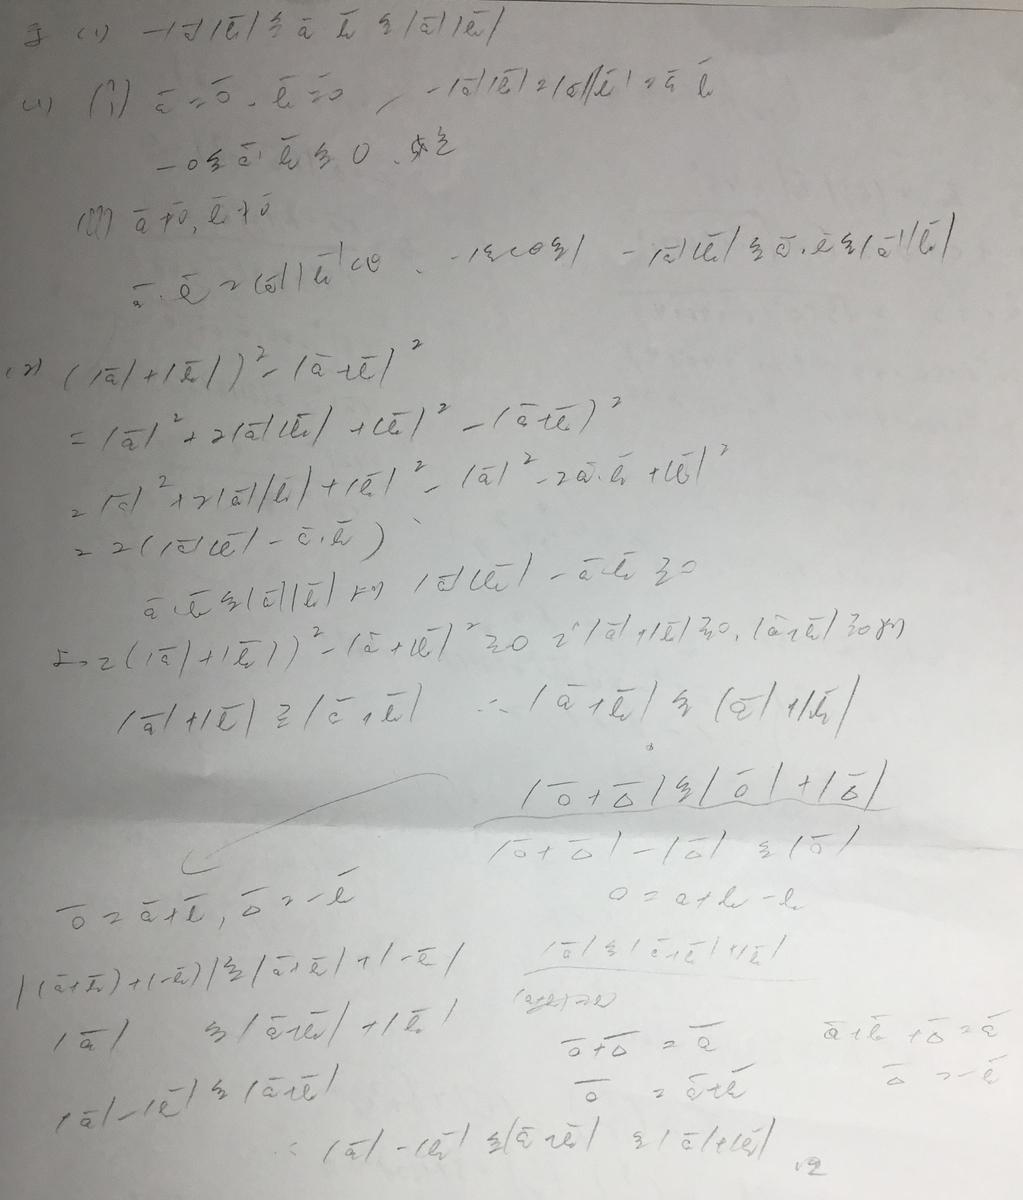 f:id:manaveemath:20200301235213j:plain